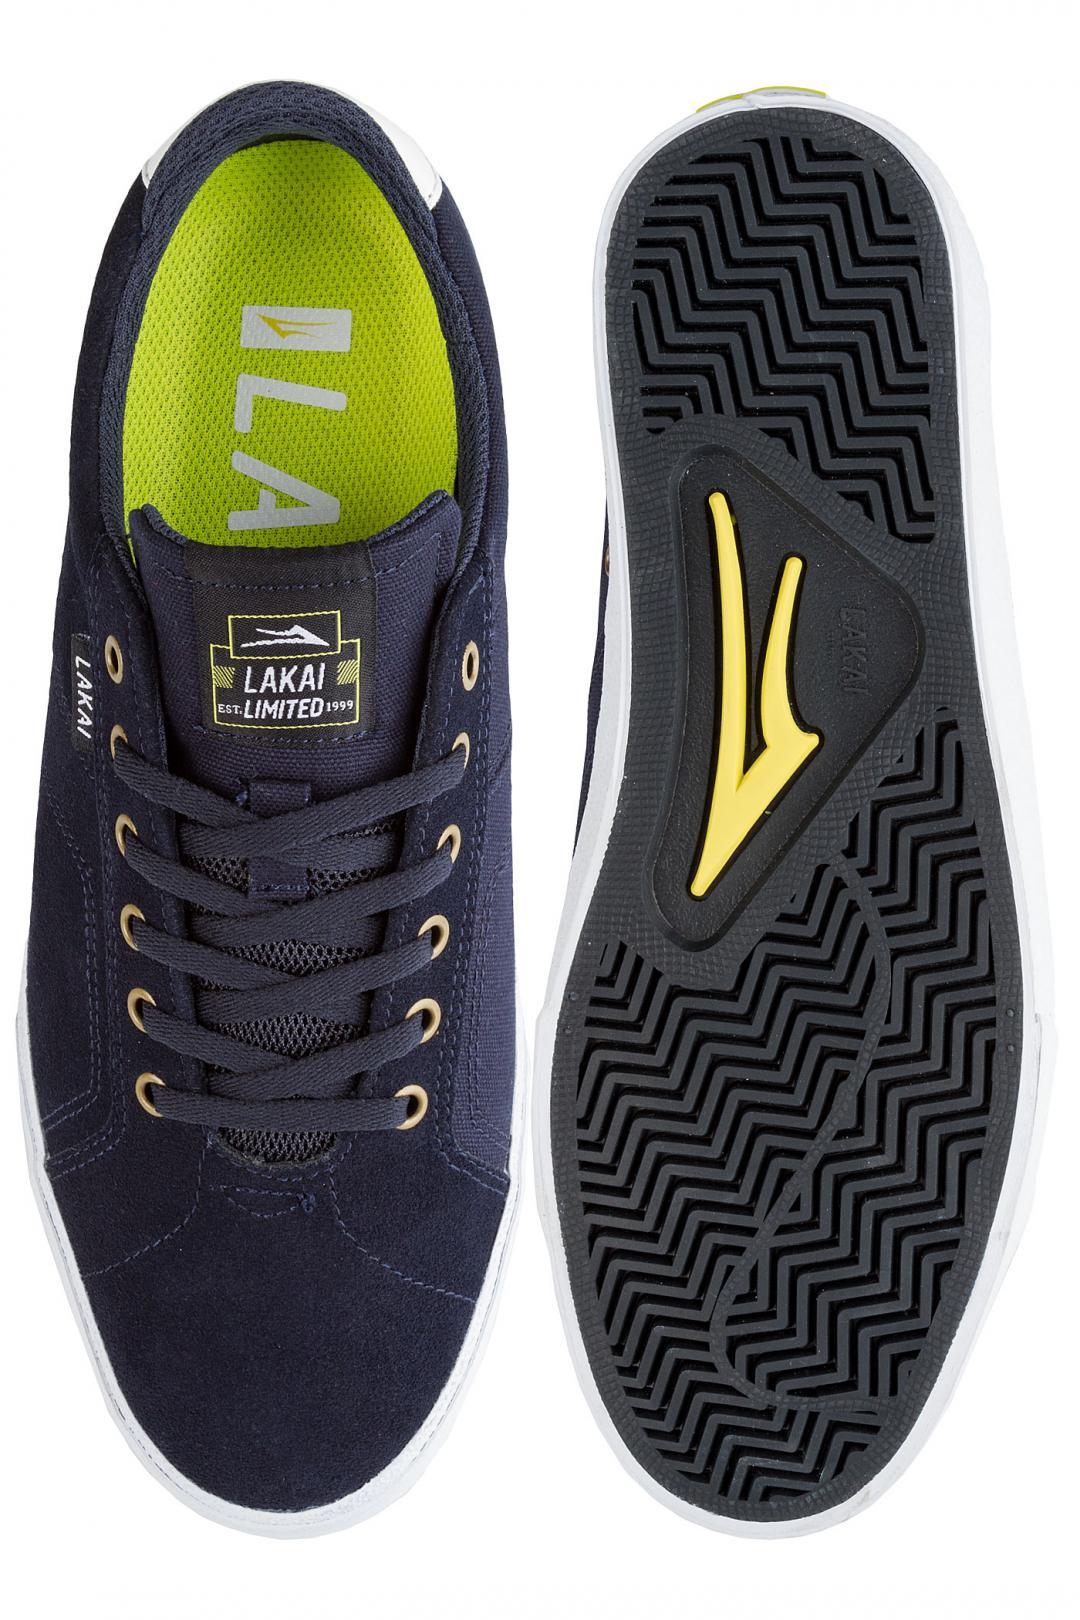 Uomo Lakai Flaco Suede navy white   Sneaker